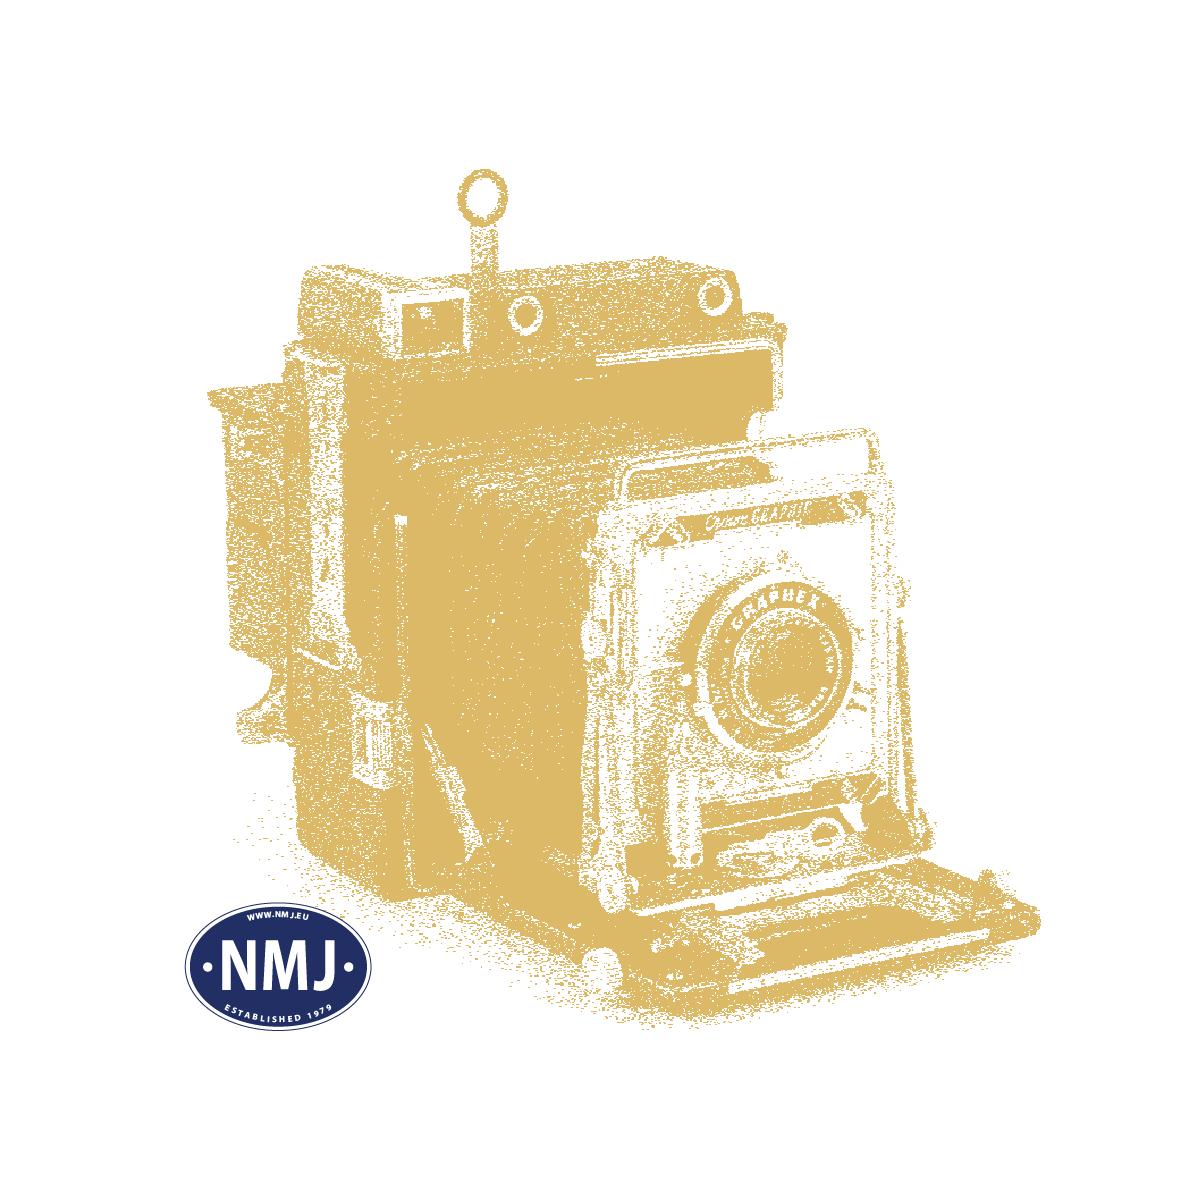 NMJT221.102 - NMJ Topline SJ Personvogn Co8d 3518